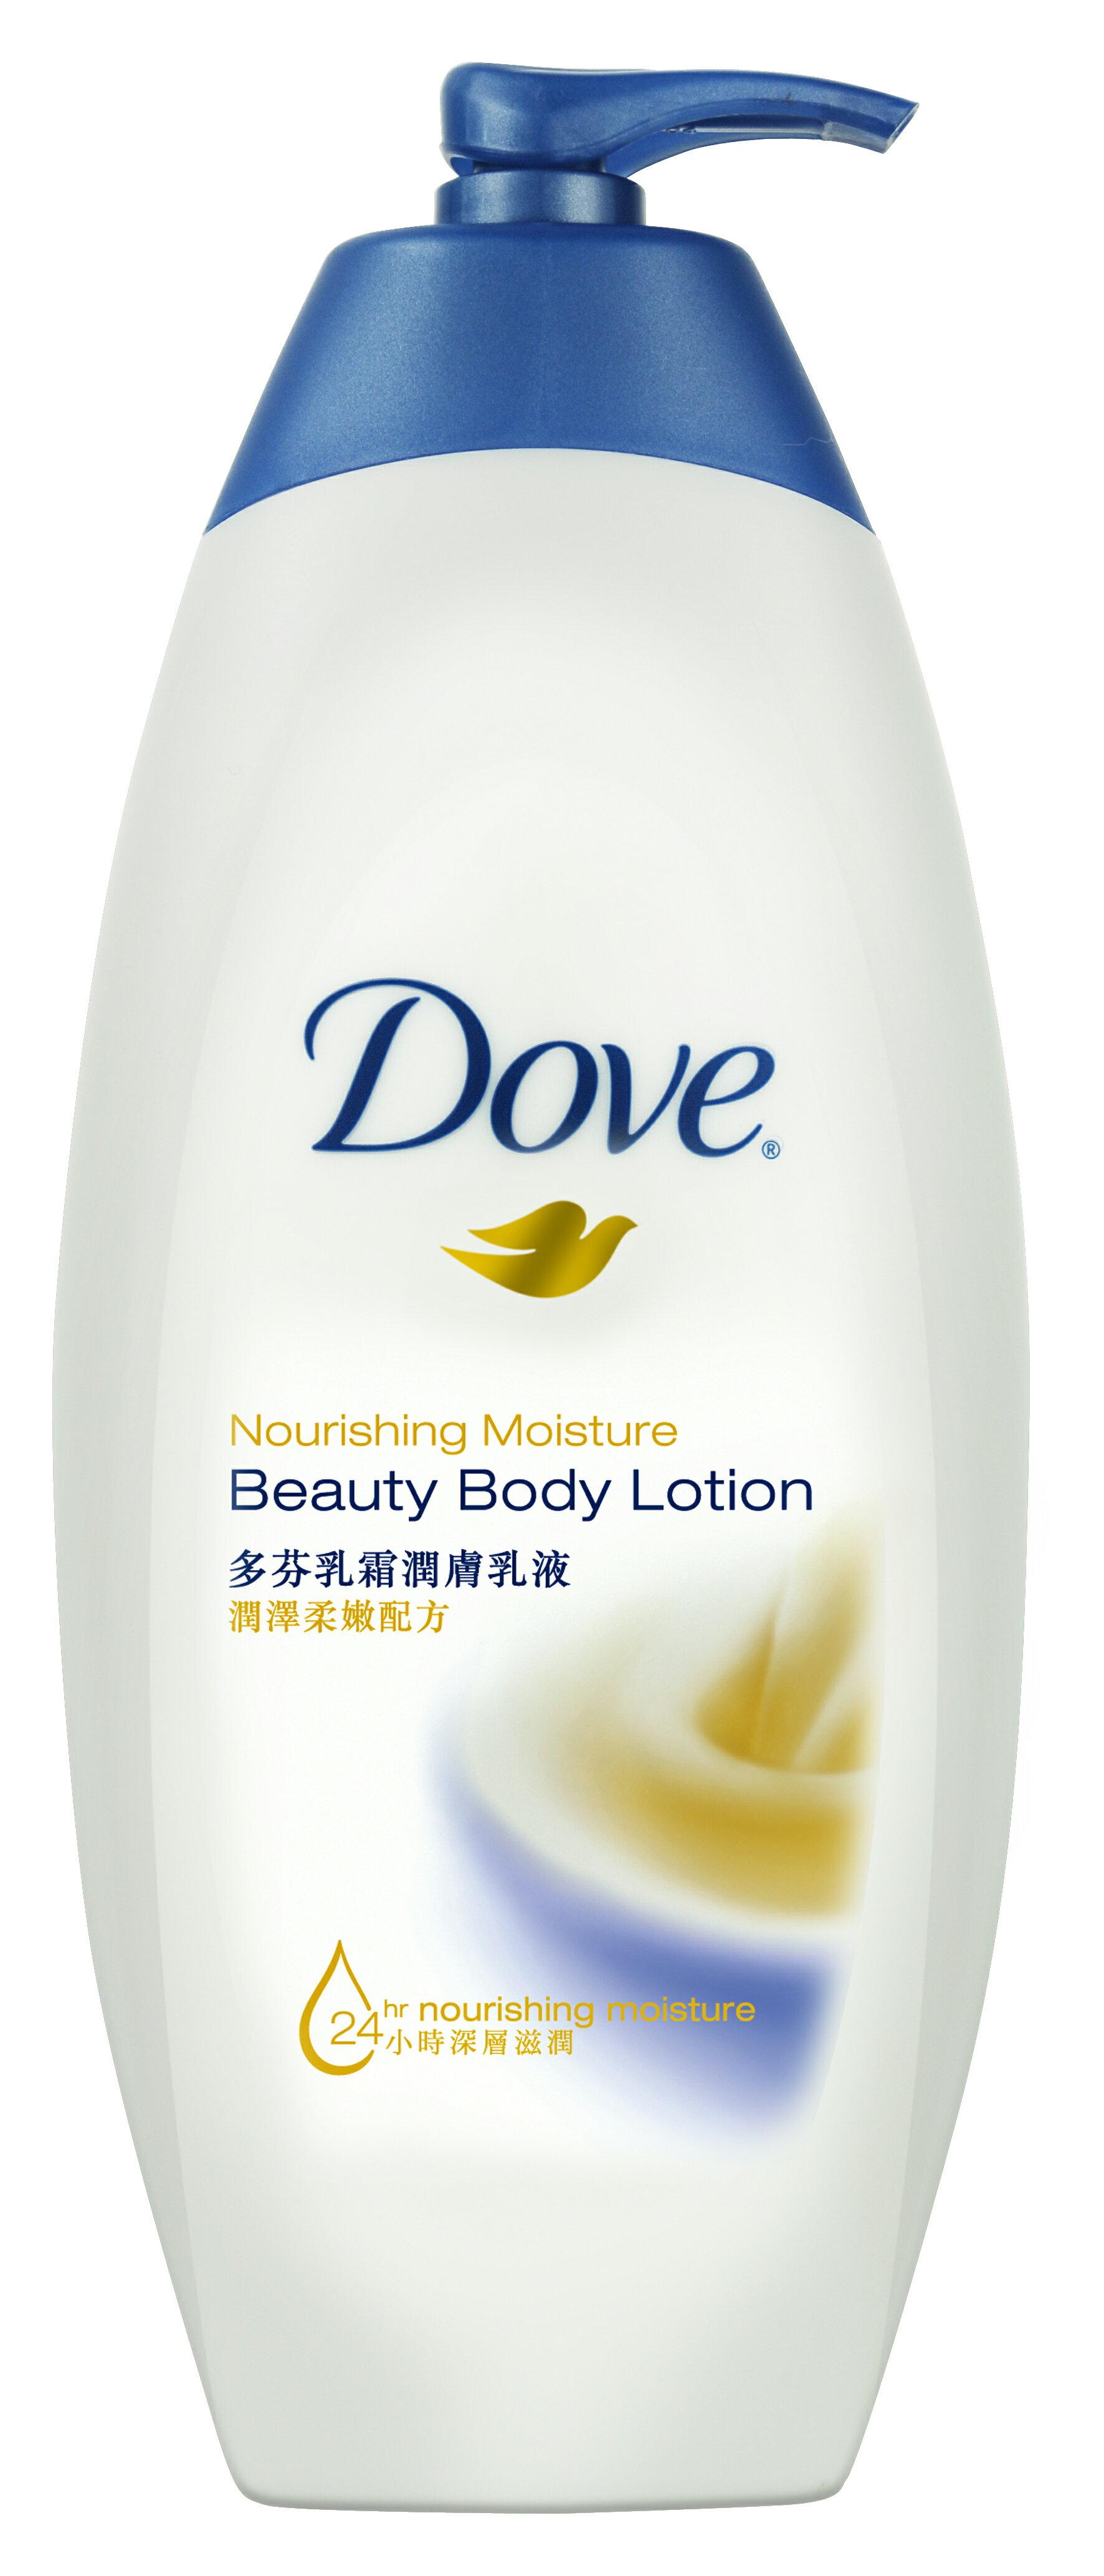 多芬乳霜潤膚乳液潤澤柔嫩配方400ml